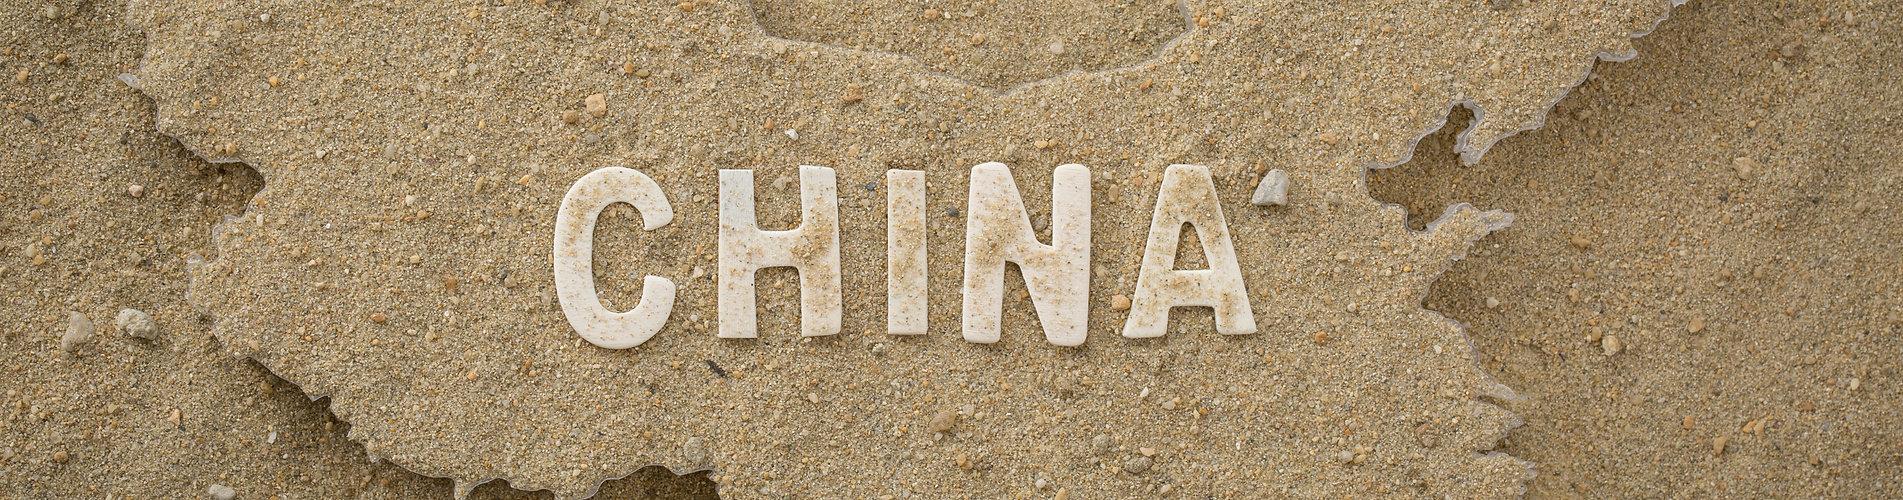 자녀교육_중국.jpg